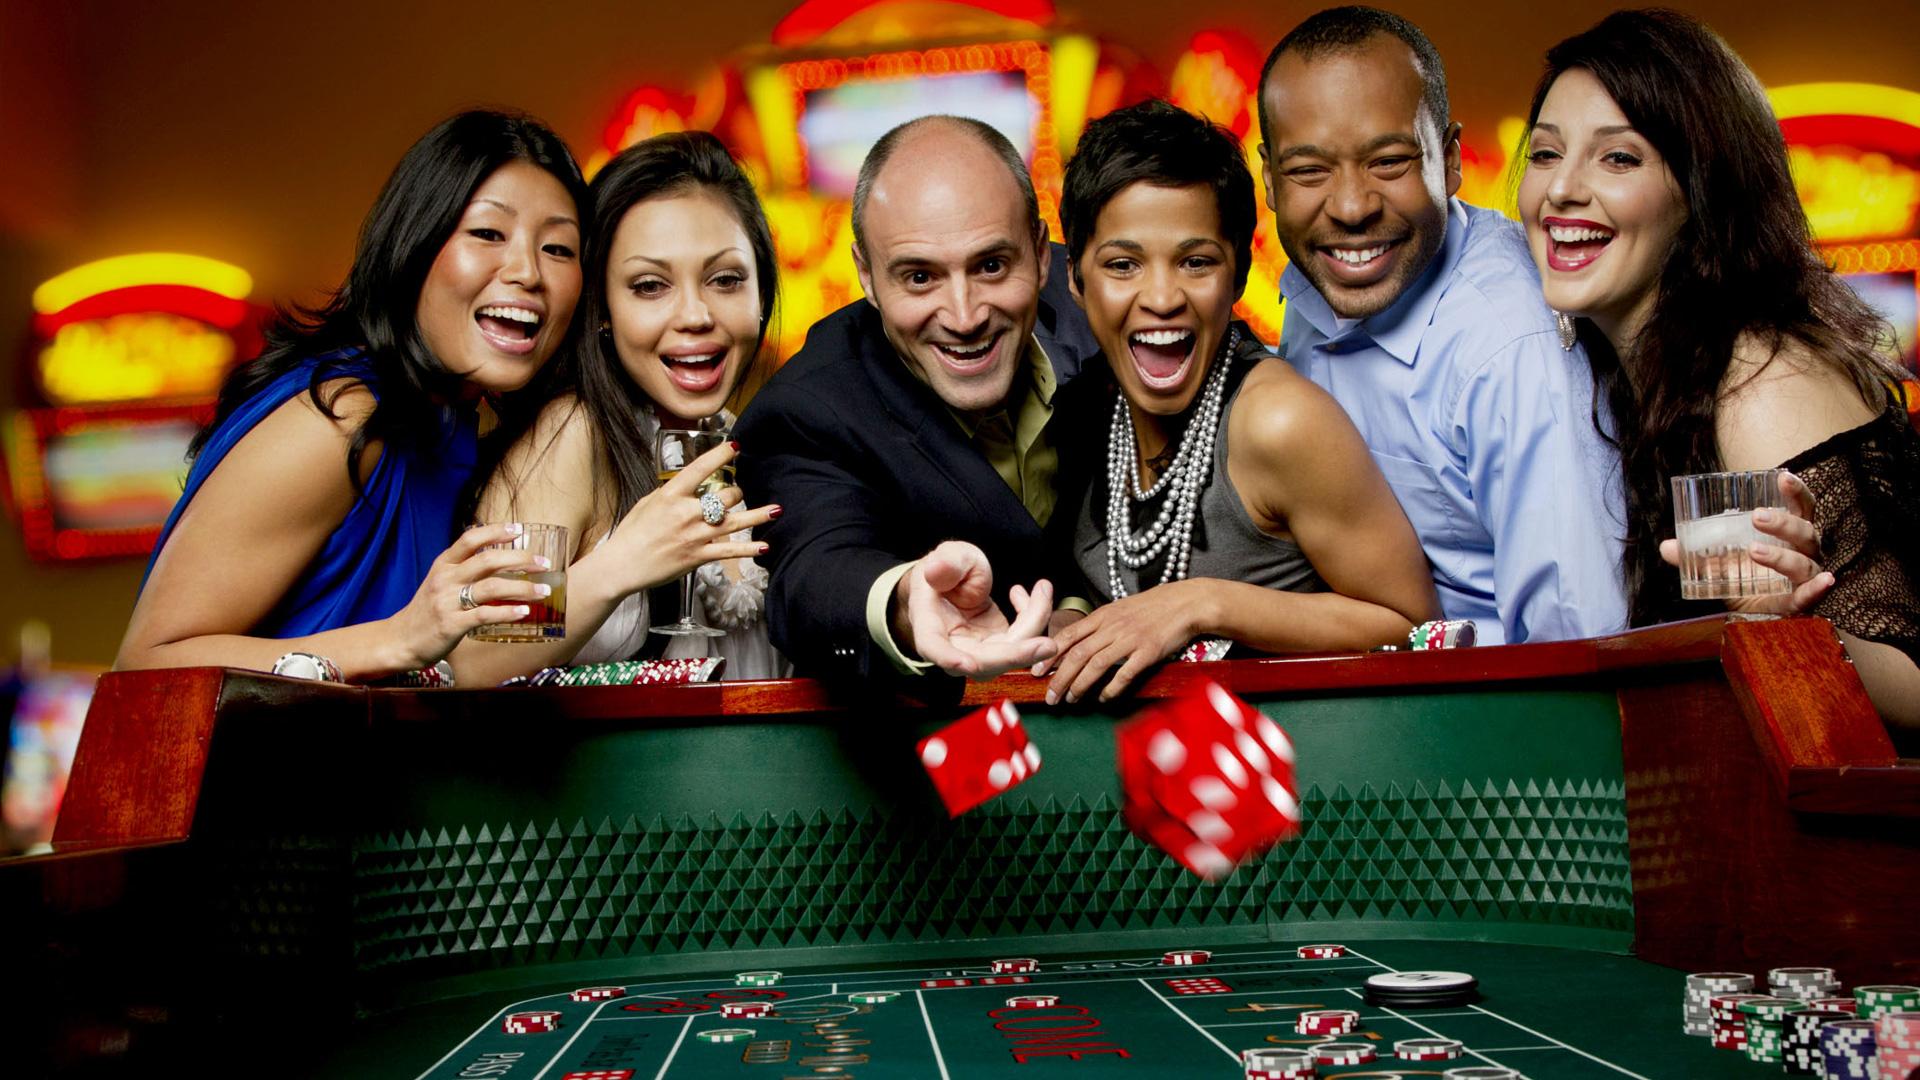 официальный сайт бесплатные азартные игры казино